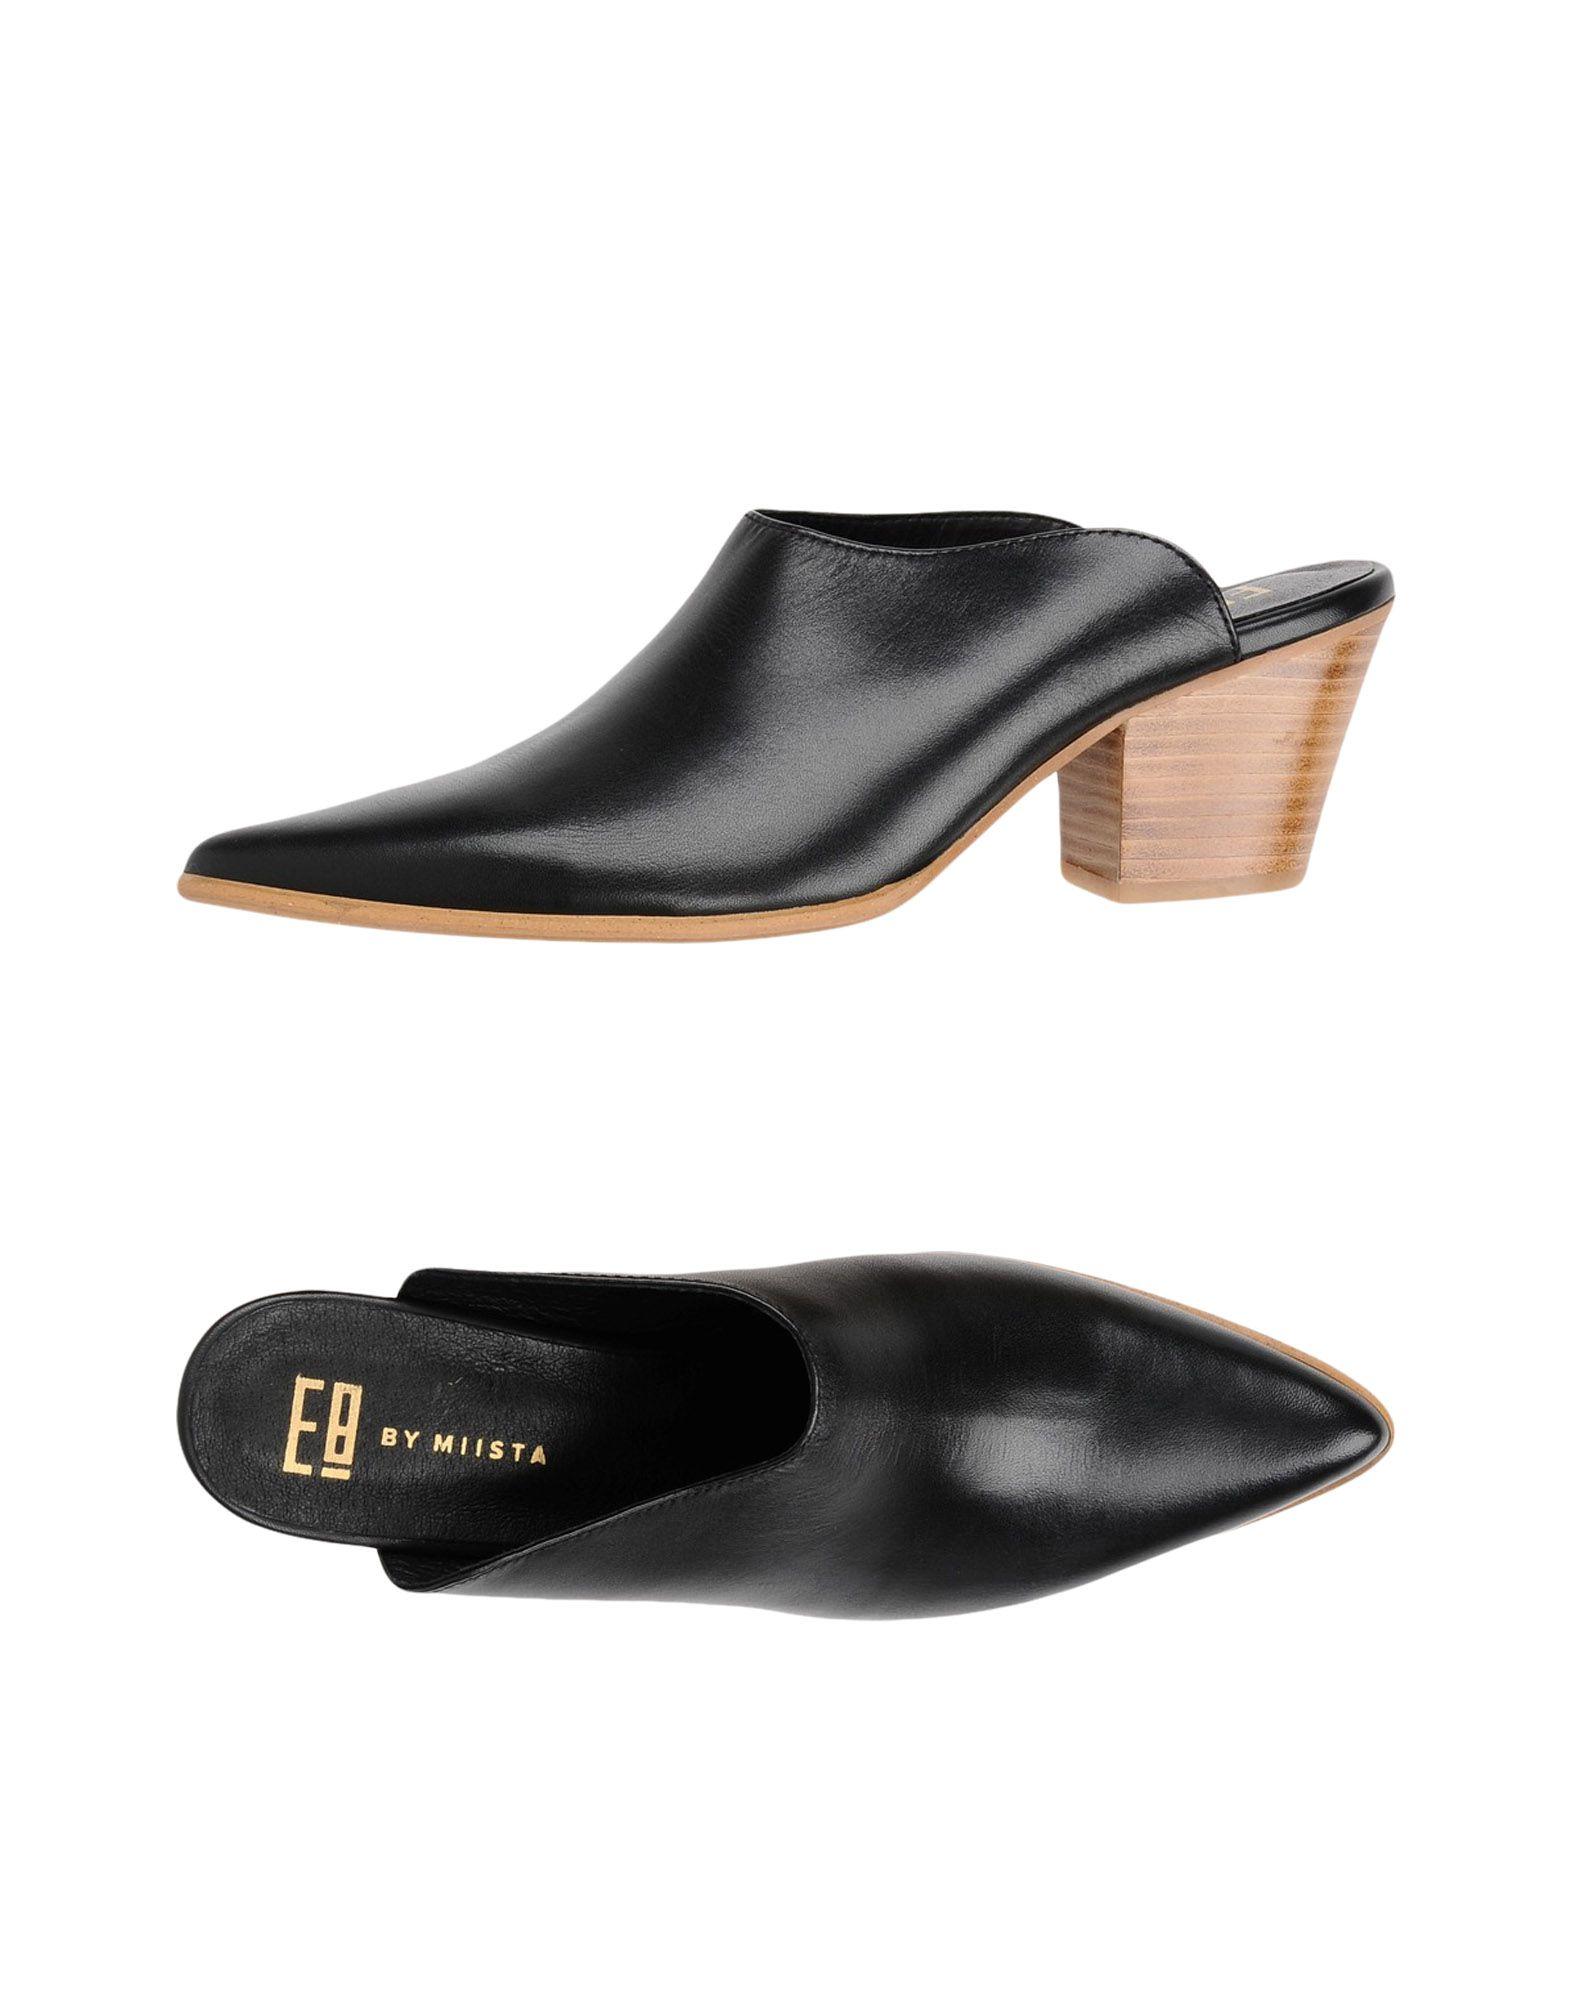 E8 By Miista Pantoletten Damen  11368994RT Neue Schuhe